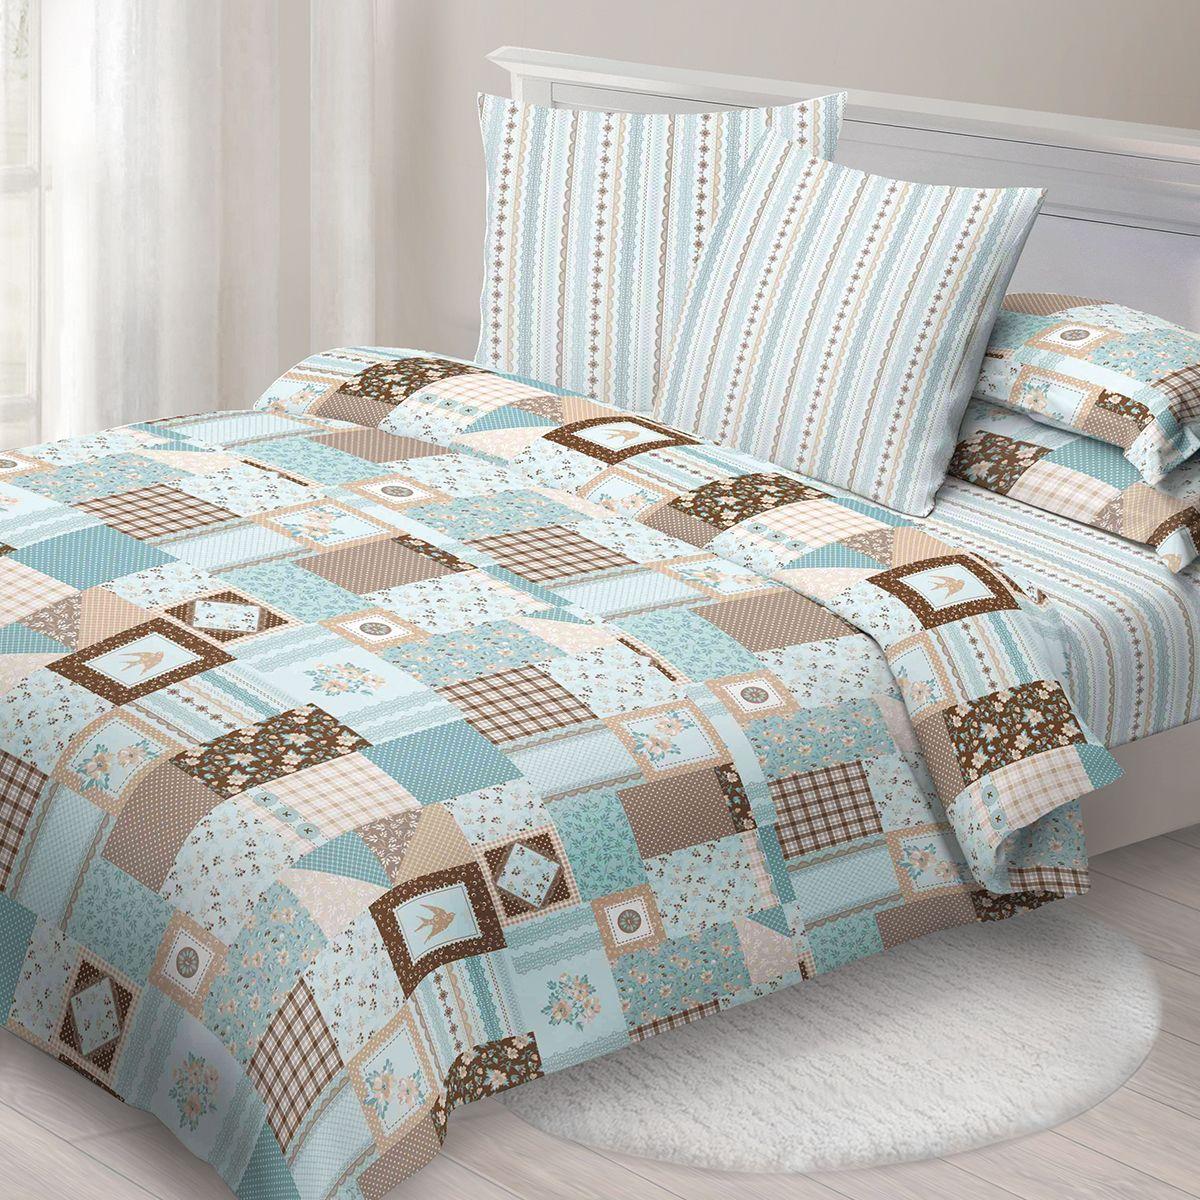 Комплект белья Спал Спалыч Плезир, 2-спальное, наволочки 70x70, цвет: голубой91336Спал Спалыч - недорогое, но качественное постельное белье из белорусской бязи. Актуальные дизайны, авторская упаковка в сочетании с качественными материалами и приемлемой ценой - залог успеха Спал Спалыча!В ассортименте широкая линейка домашнего текстиля для всей семьи - современные дизайны современному покупателю! Ткань обработана по технологии PERFECT WAY - благодаря чему, она становится более гладкой и шелковистой.• Бязь Барановичи 100% хлопок• Плотность ткани - 125 гр/кв.м.